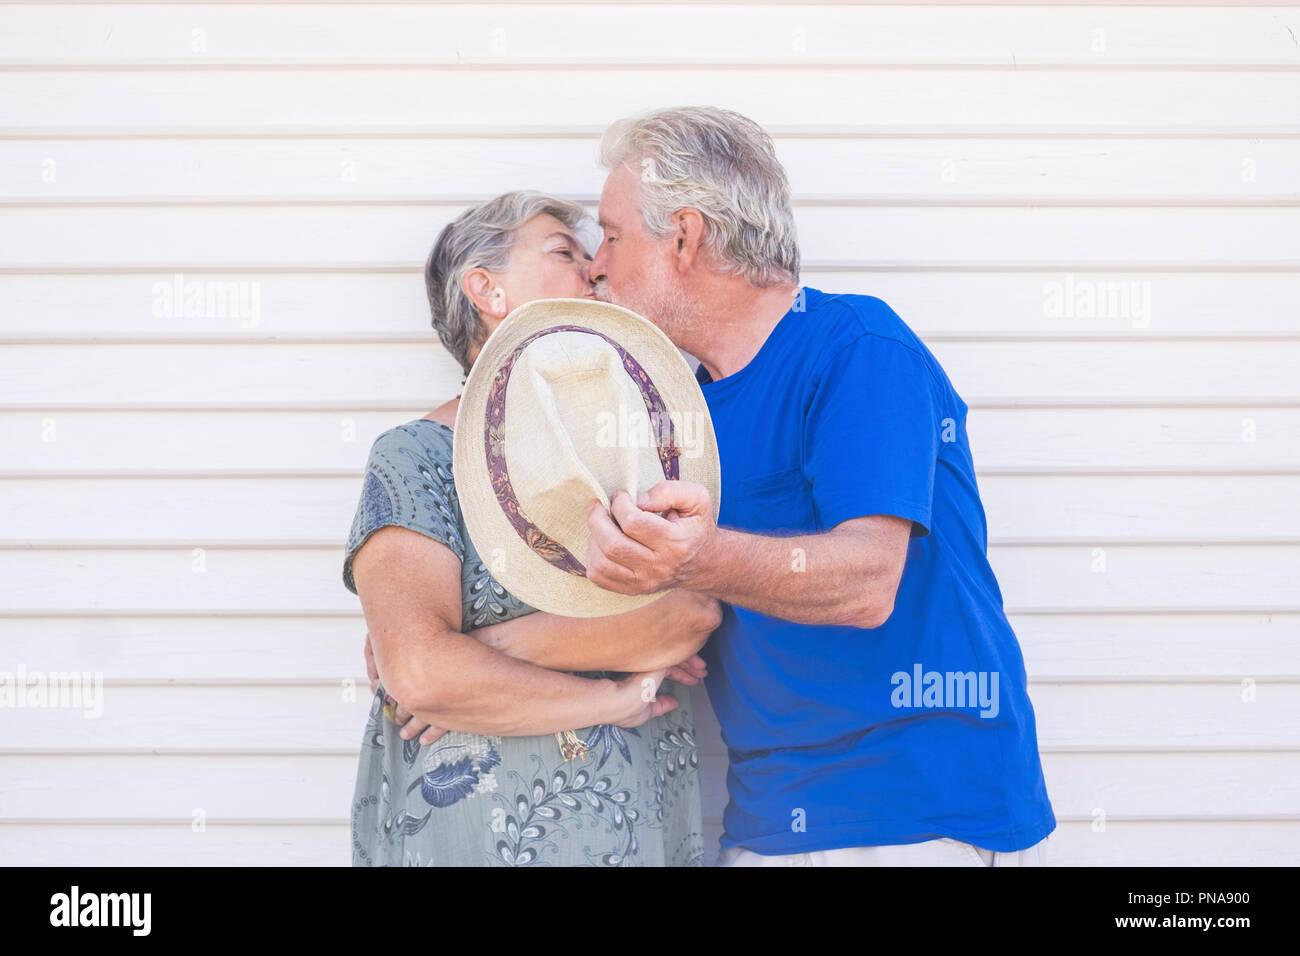 Valentine's day concept avec de belles personnes âgées senior couple kissing masquage avec un chapeau beige avec un fond de bois blanc mur derrière eux et l'amour. Photo Stock